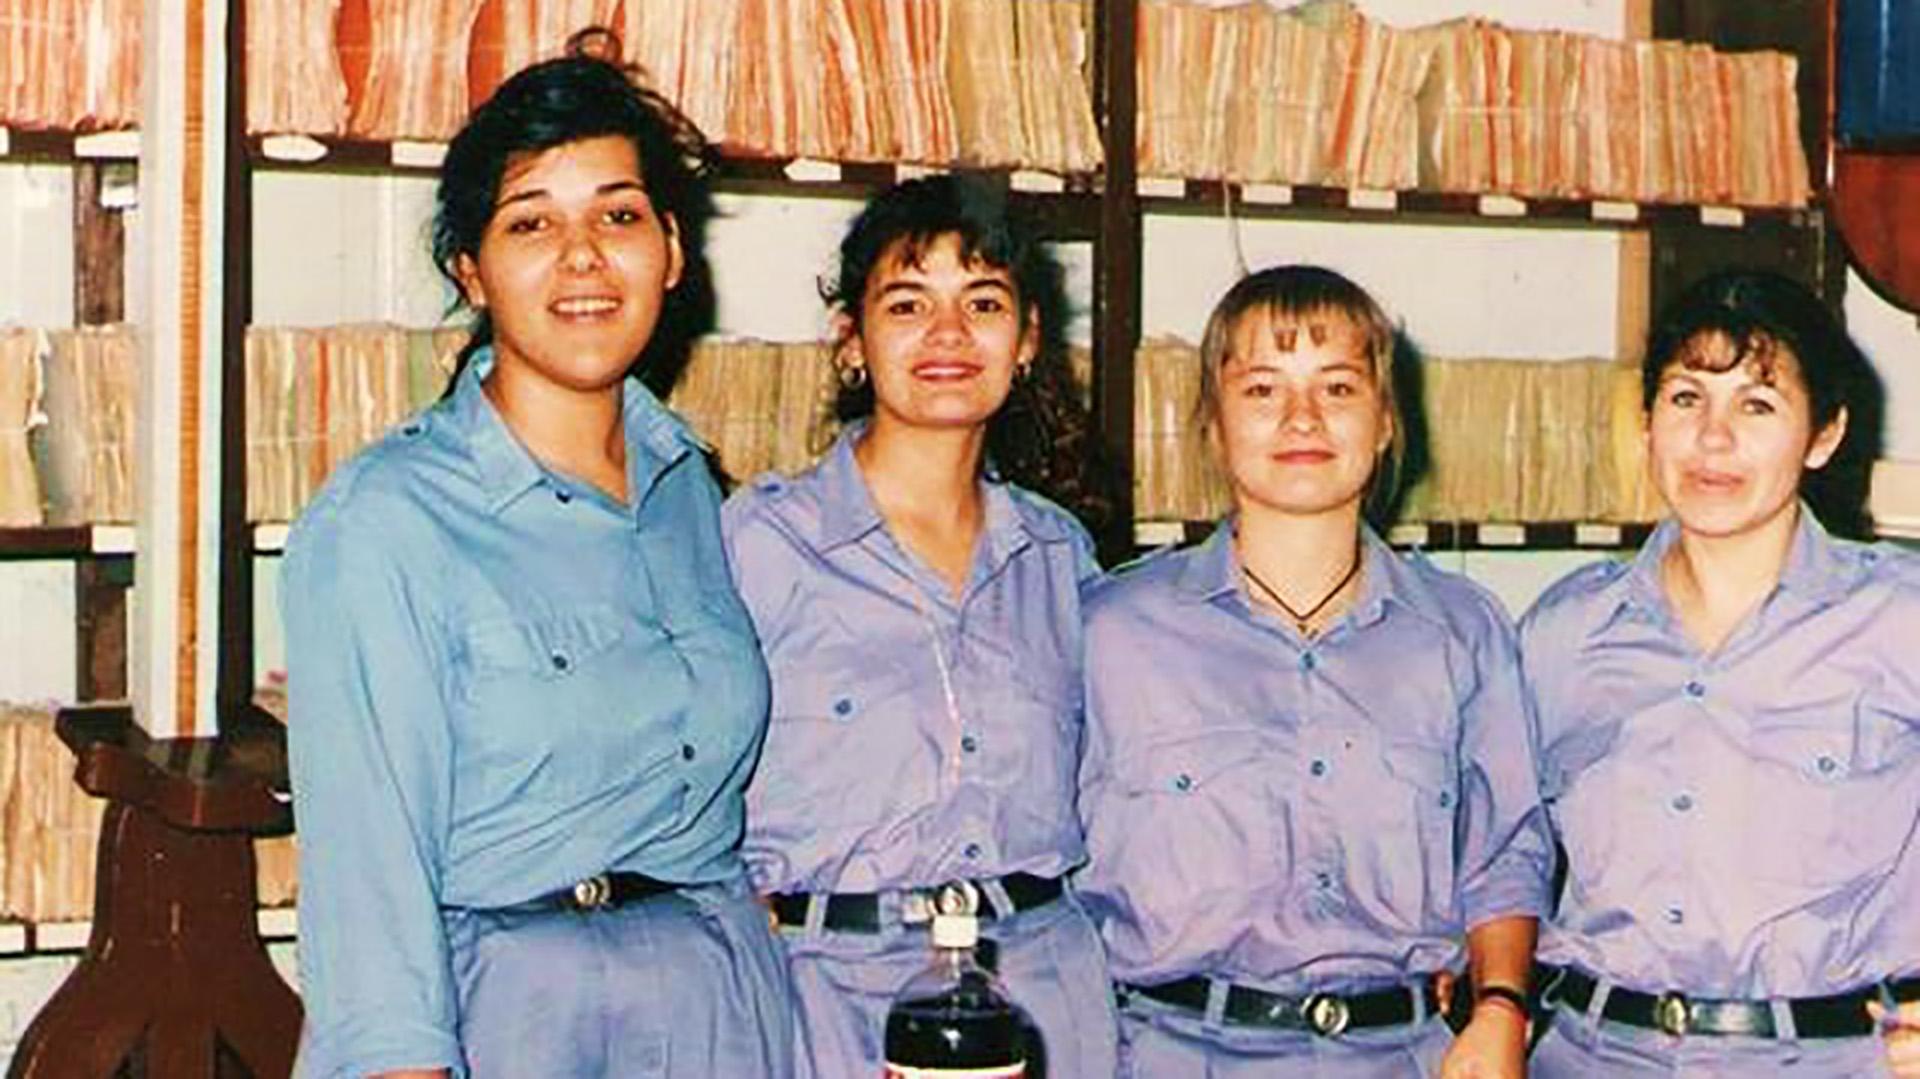 Tercera desde la izquierda, la madre de Nahir Galarza, Yamina Kroh, también se desempeño como policía